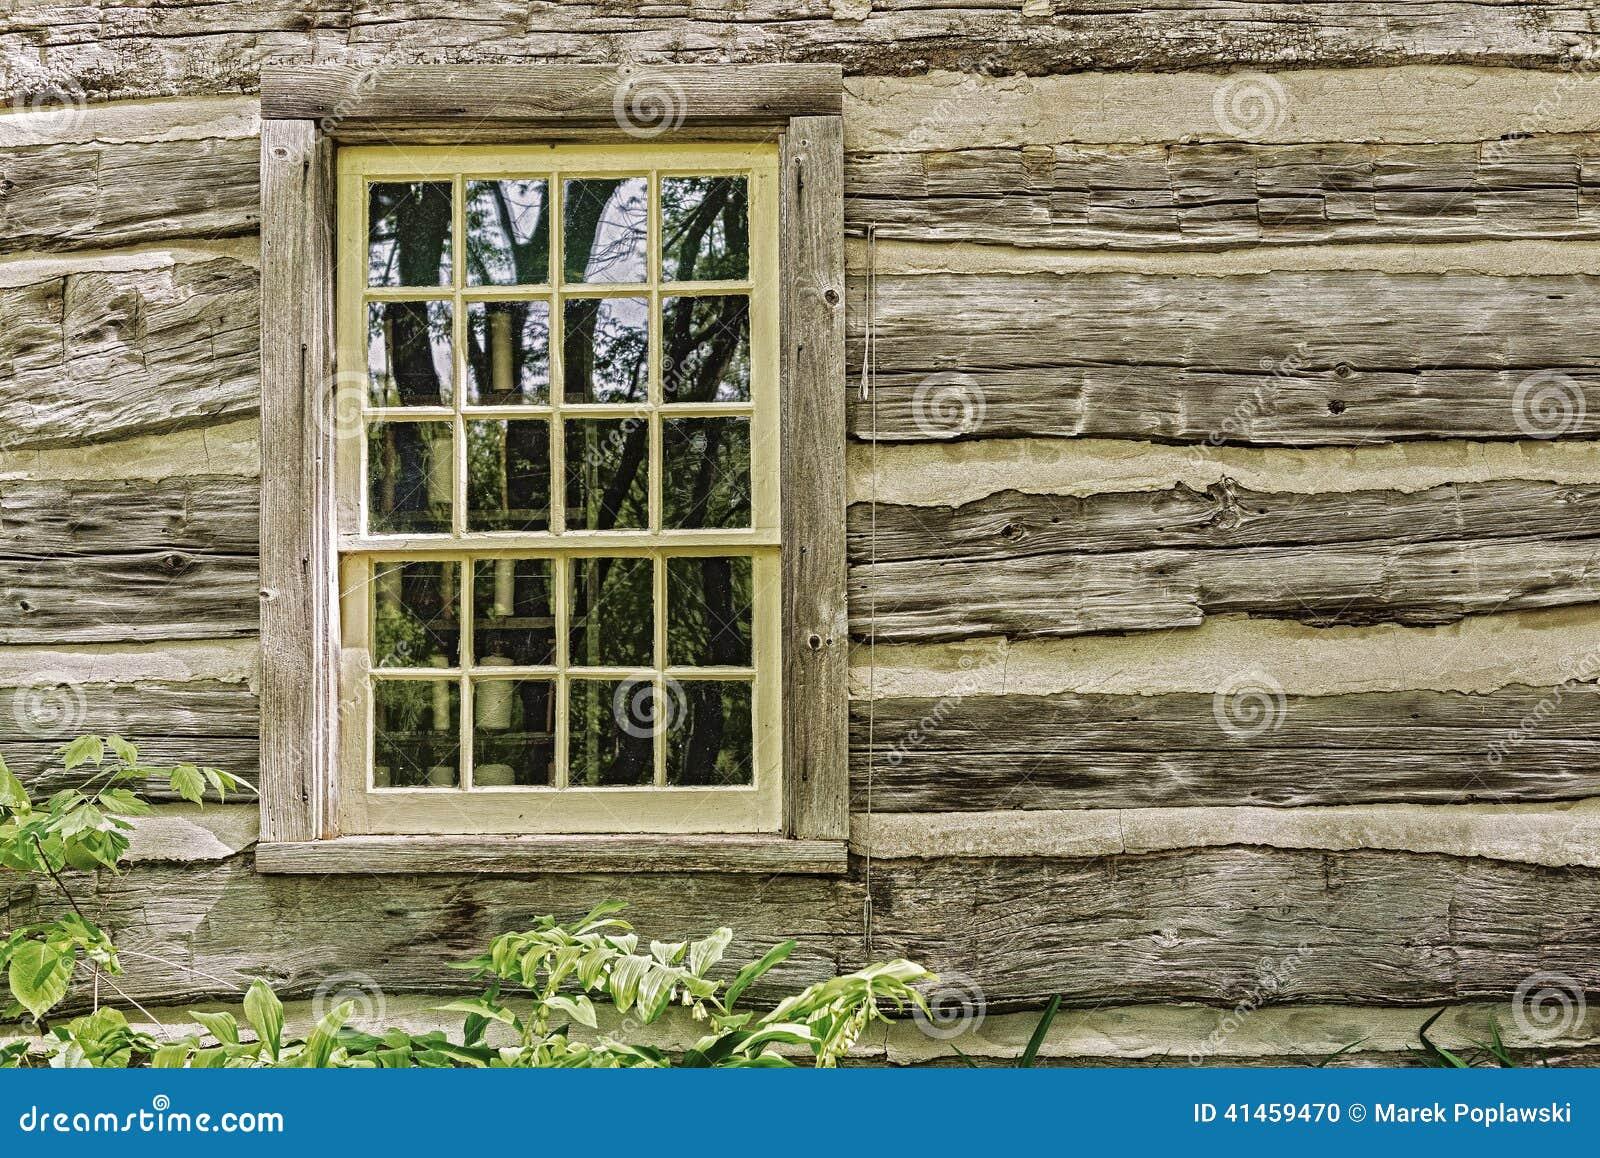 vieille fen tre sur un mur en bois de maison de ferme photo stock image 41459470. Black Bedroom Furniture Sets. Home Design Ideas